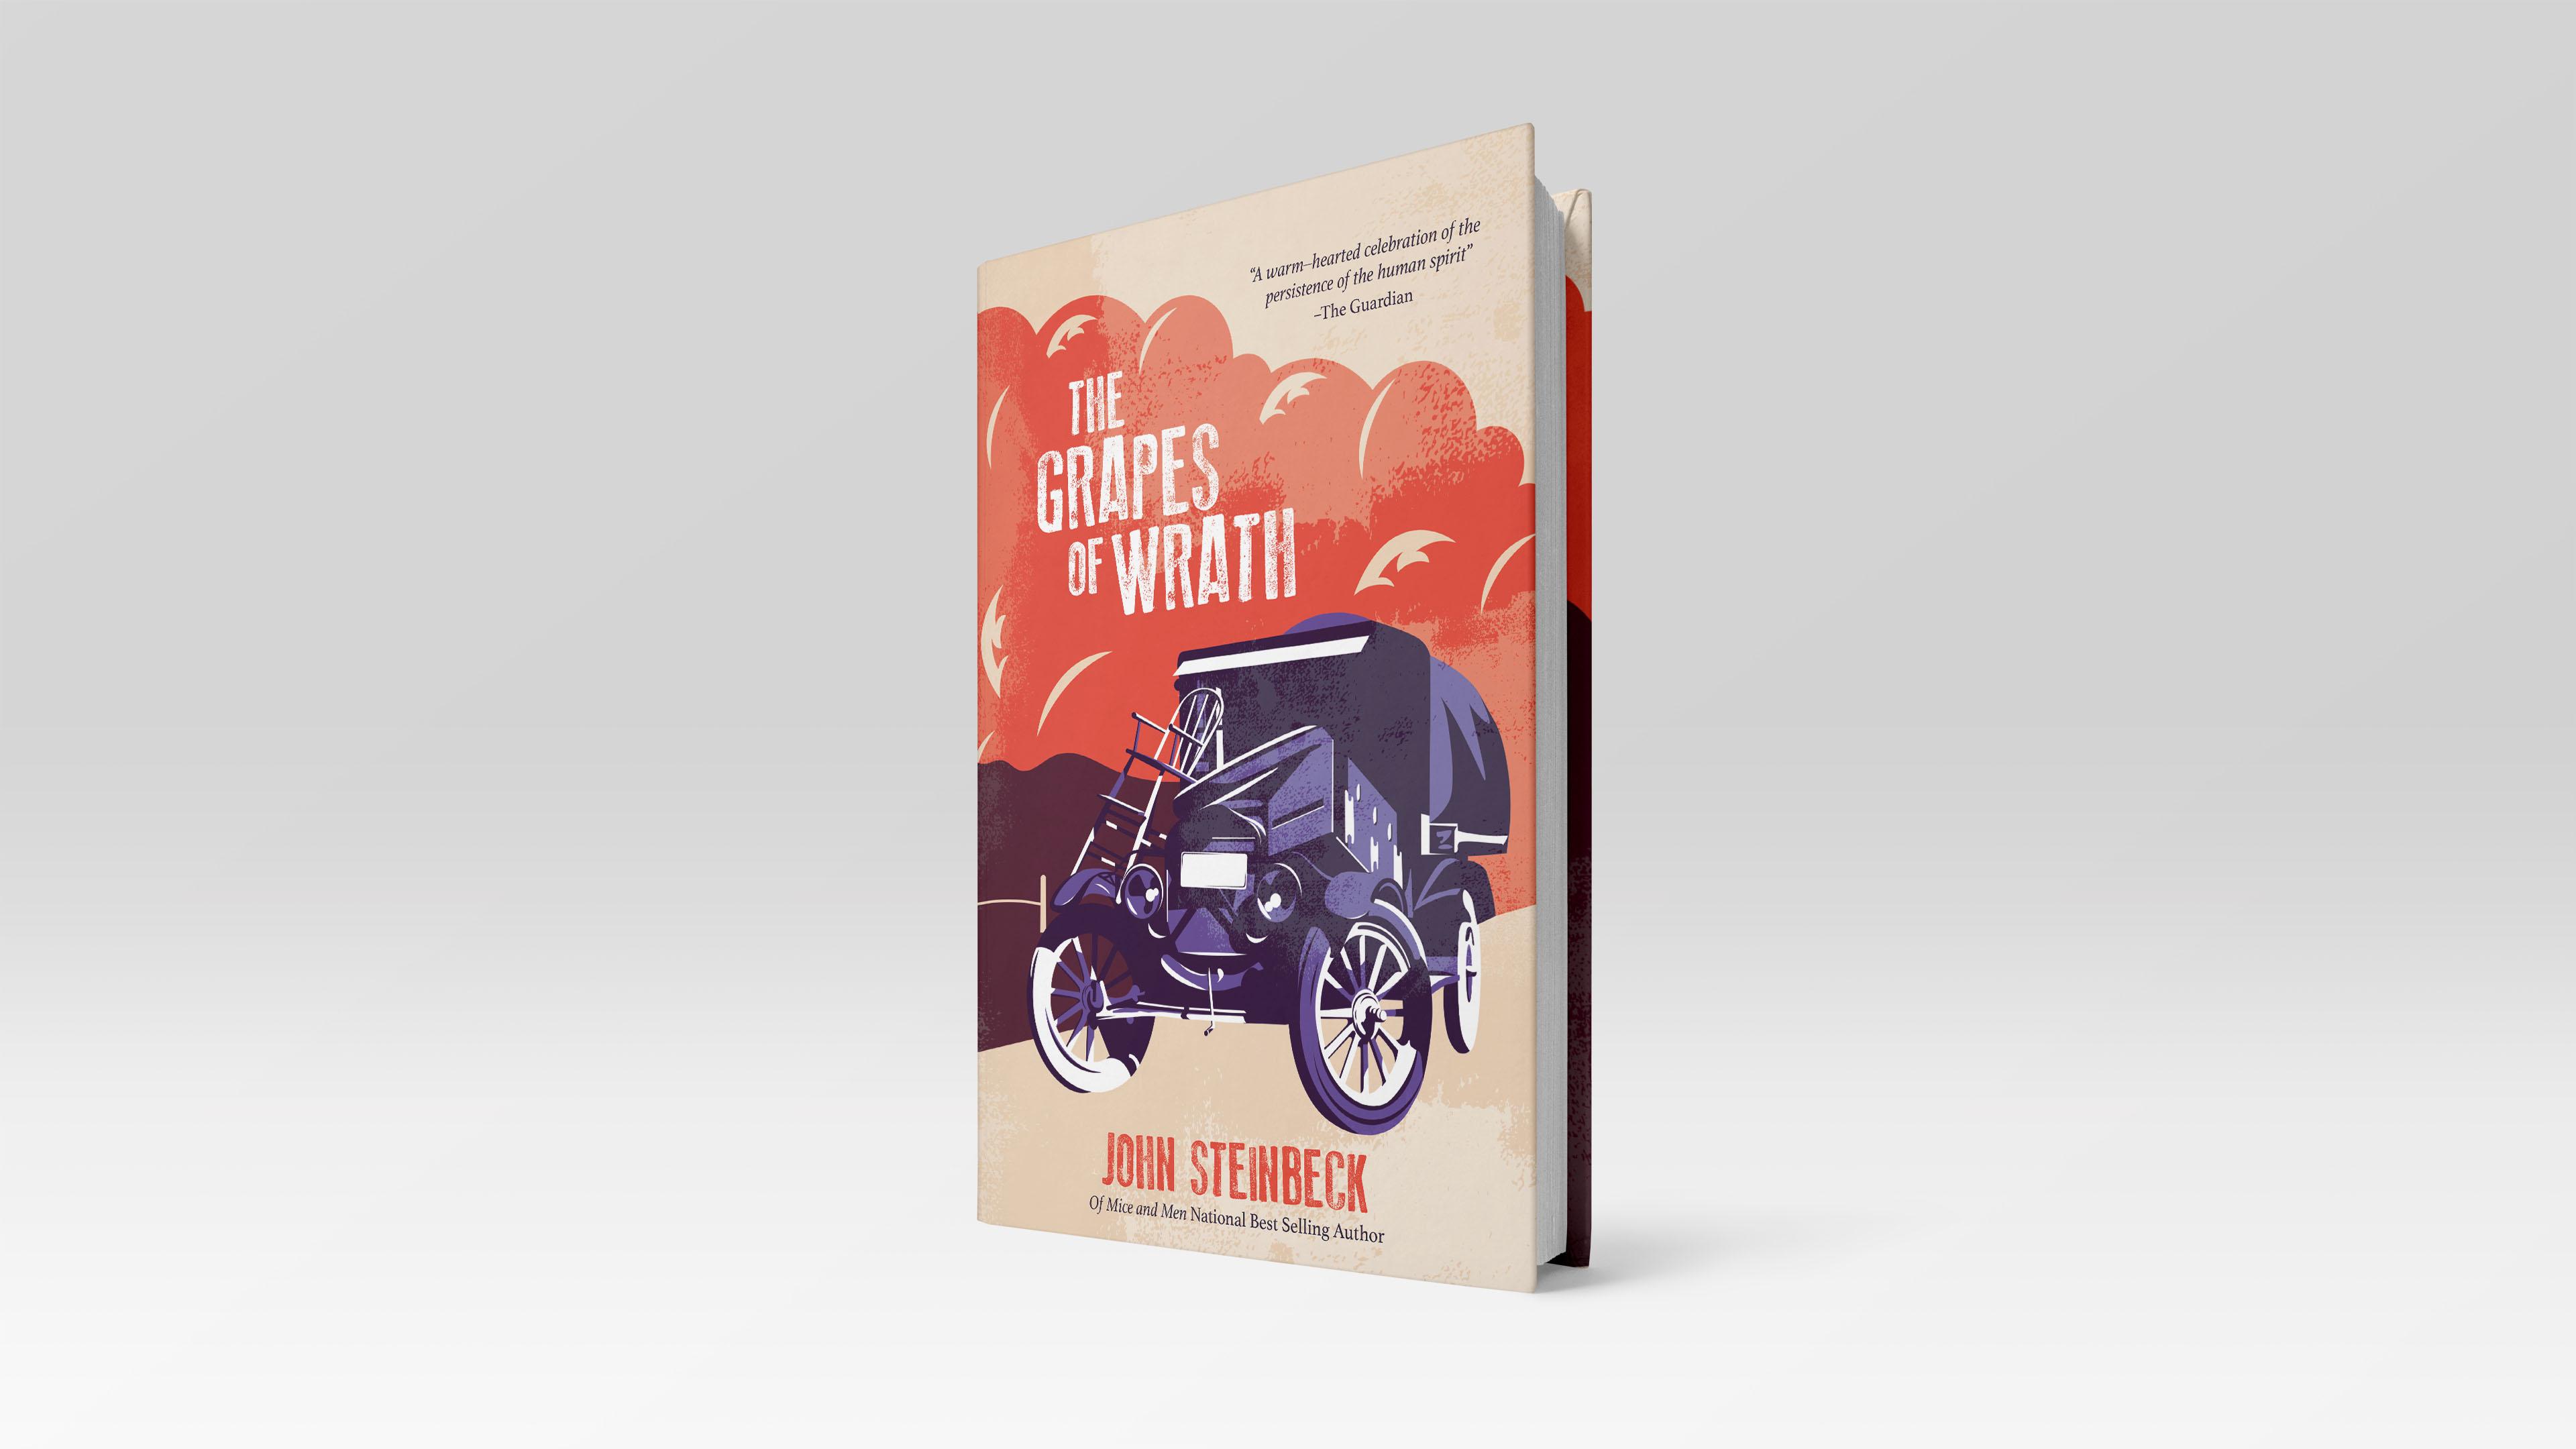 Christina Cardenas, The Grapes of Wrath, Book cover, November 2019